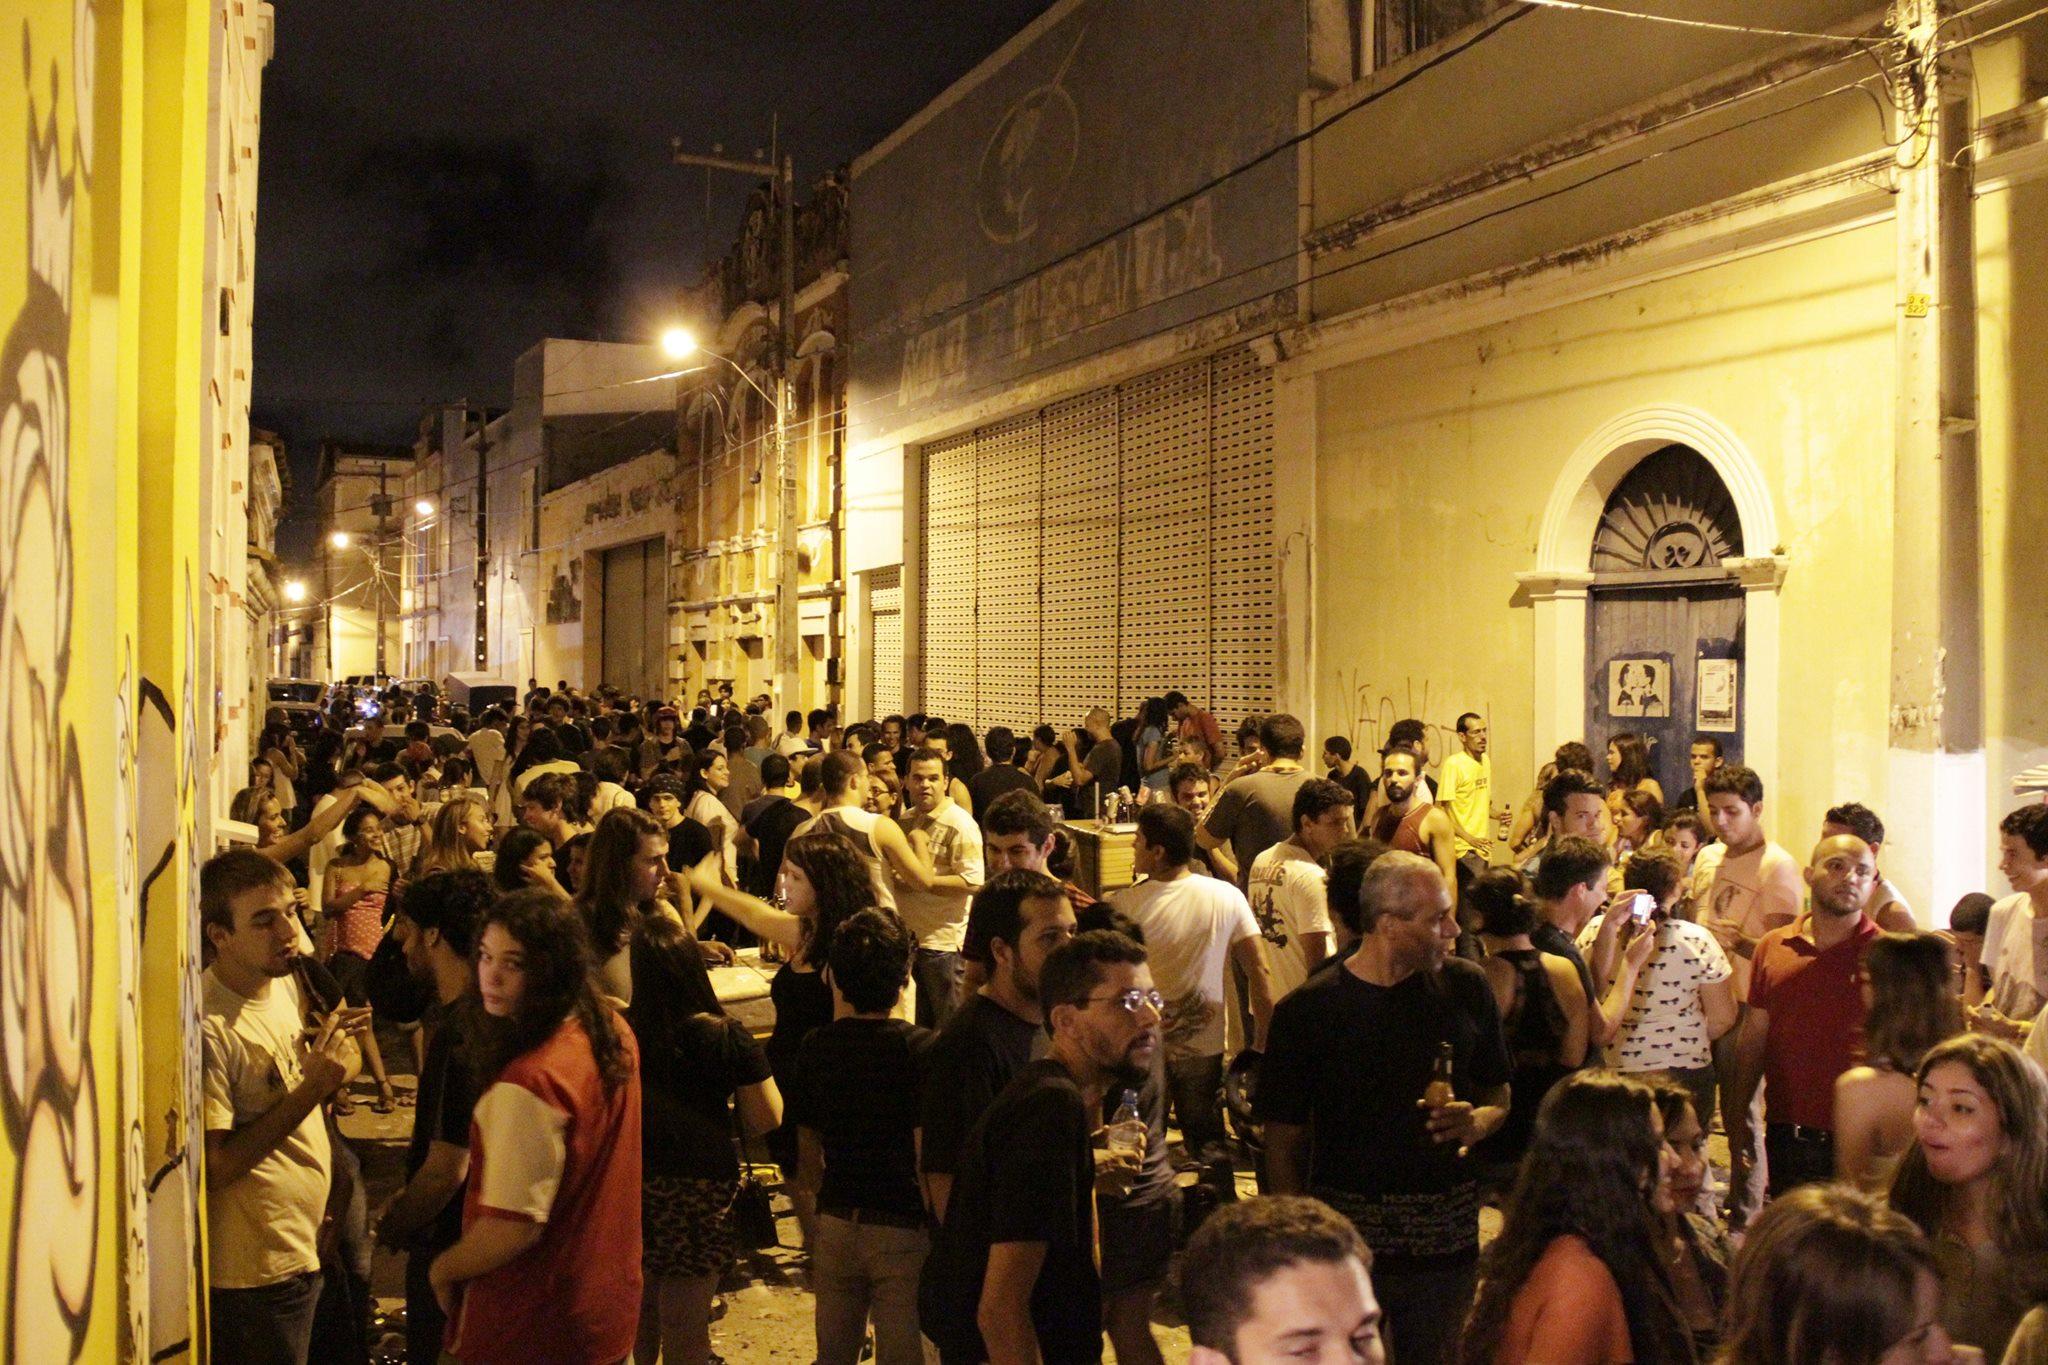 Circuito Cultural Ribeira volta com edição especial de carnaval